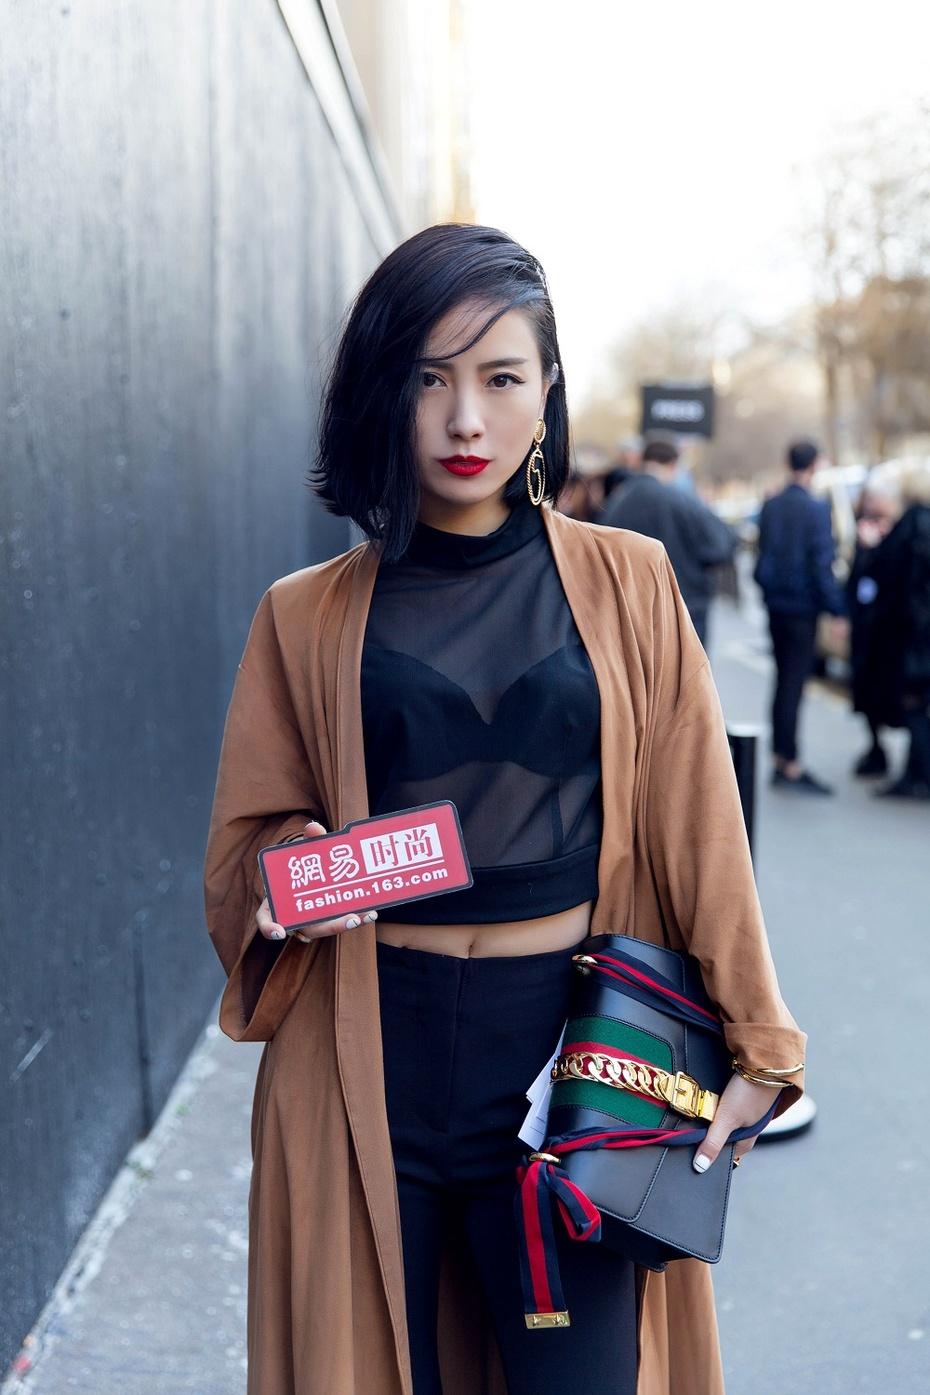 """【妮儿の私服日记】这是一种能""""撩""""妹的穿法 - Nikki妮儿 - Nikkis Fashion Blog"""